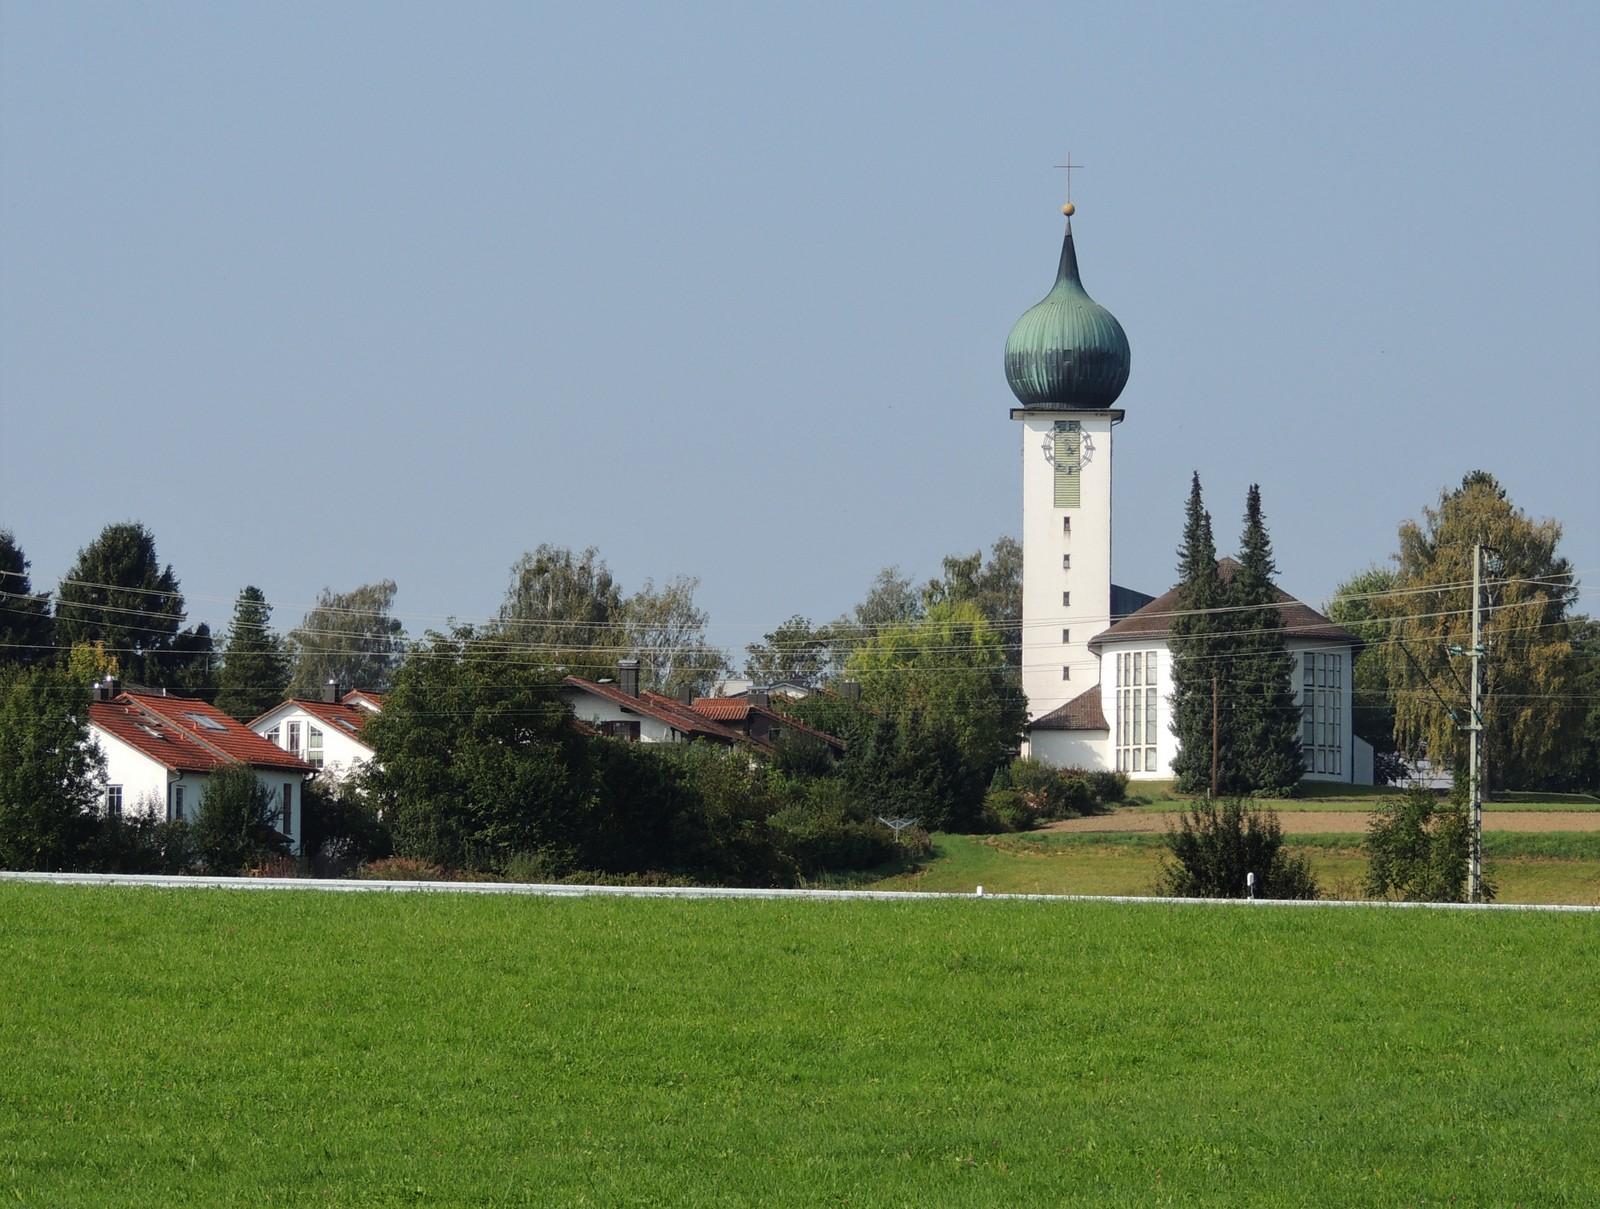 Grünwald-Rundkurs Baierbrunn - neue Kirche St. Peter und Paul